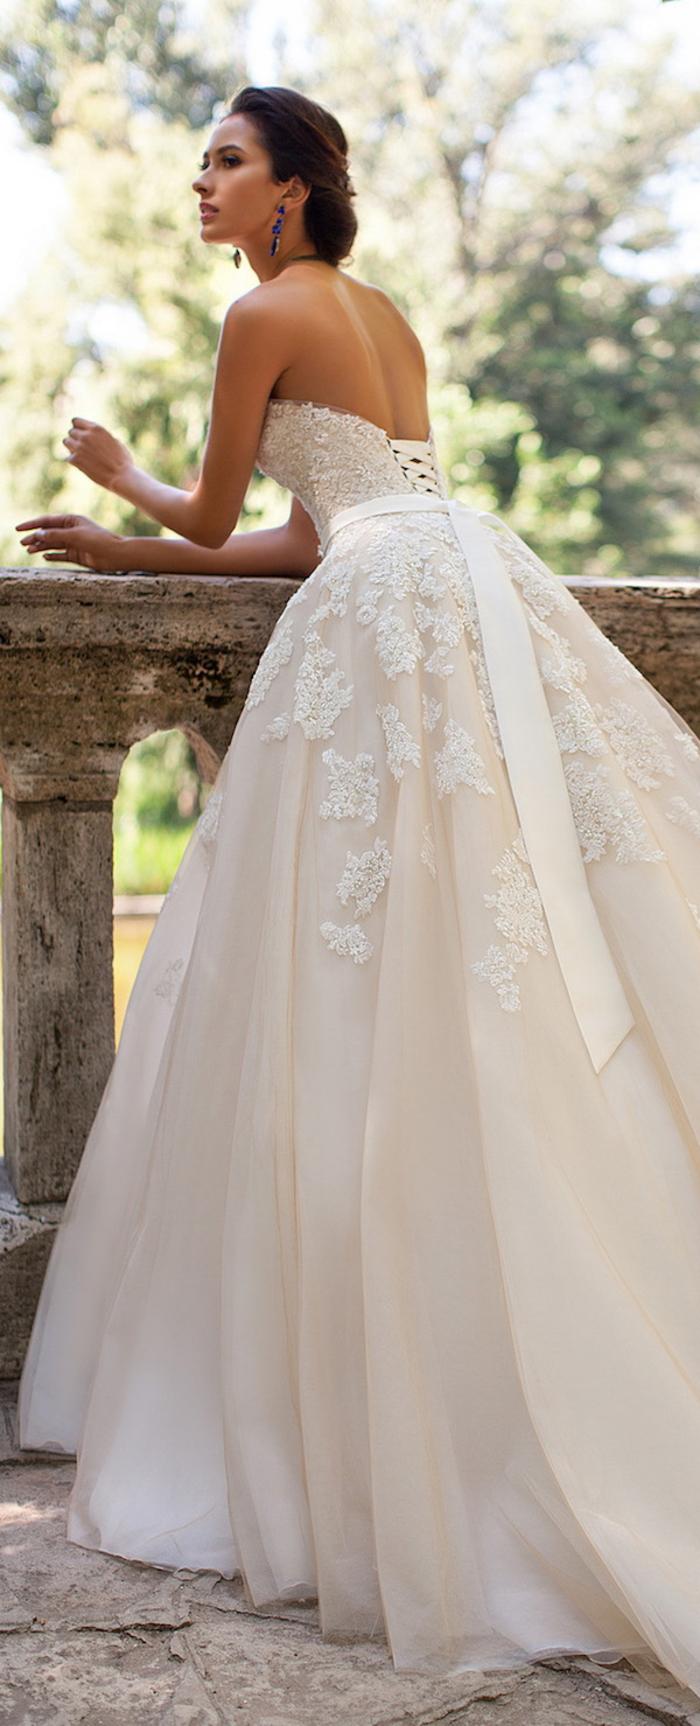 weites Hochzeitskleid mit Korsett und Spitzen-Elementen, romantischer Look, trägerlos, mit tiefem Rückenausschnitt